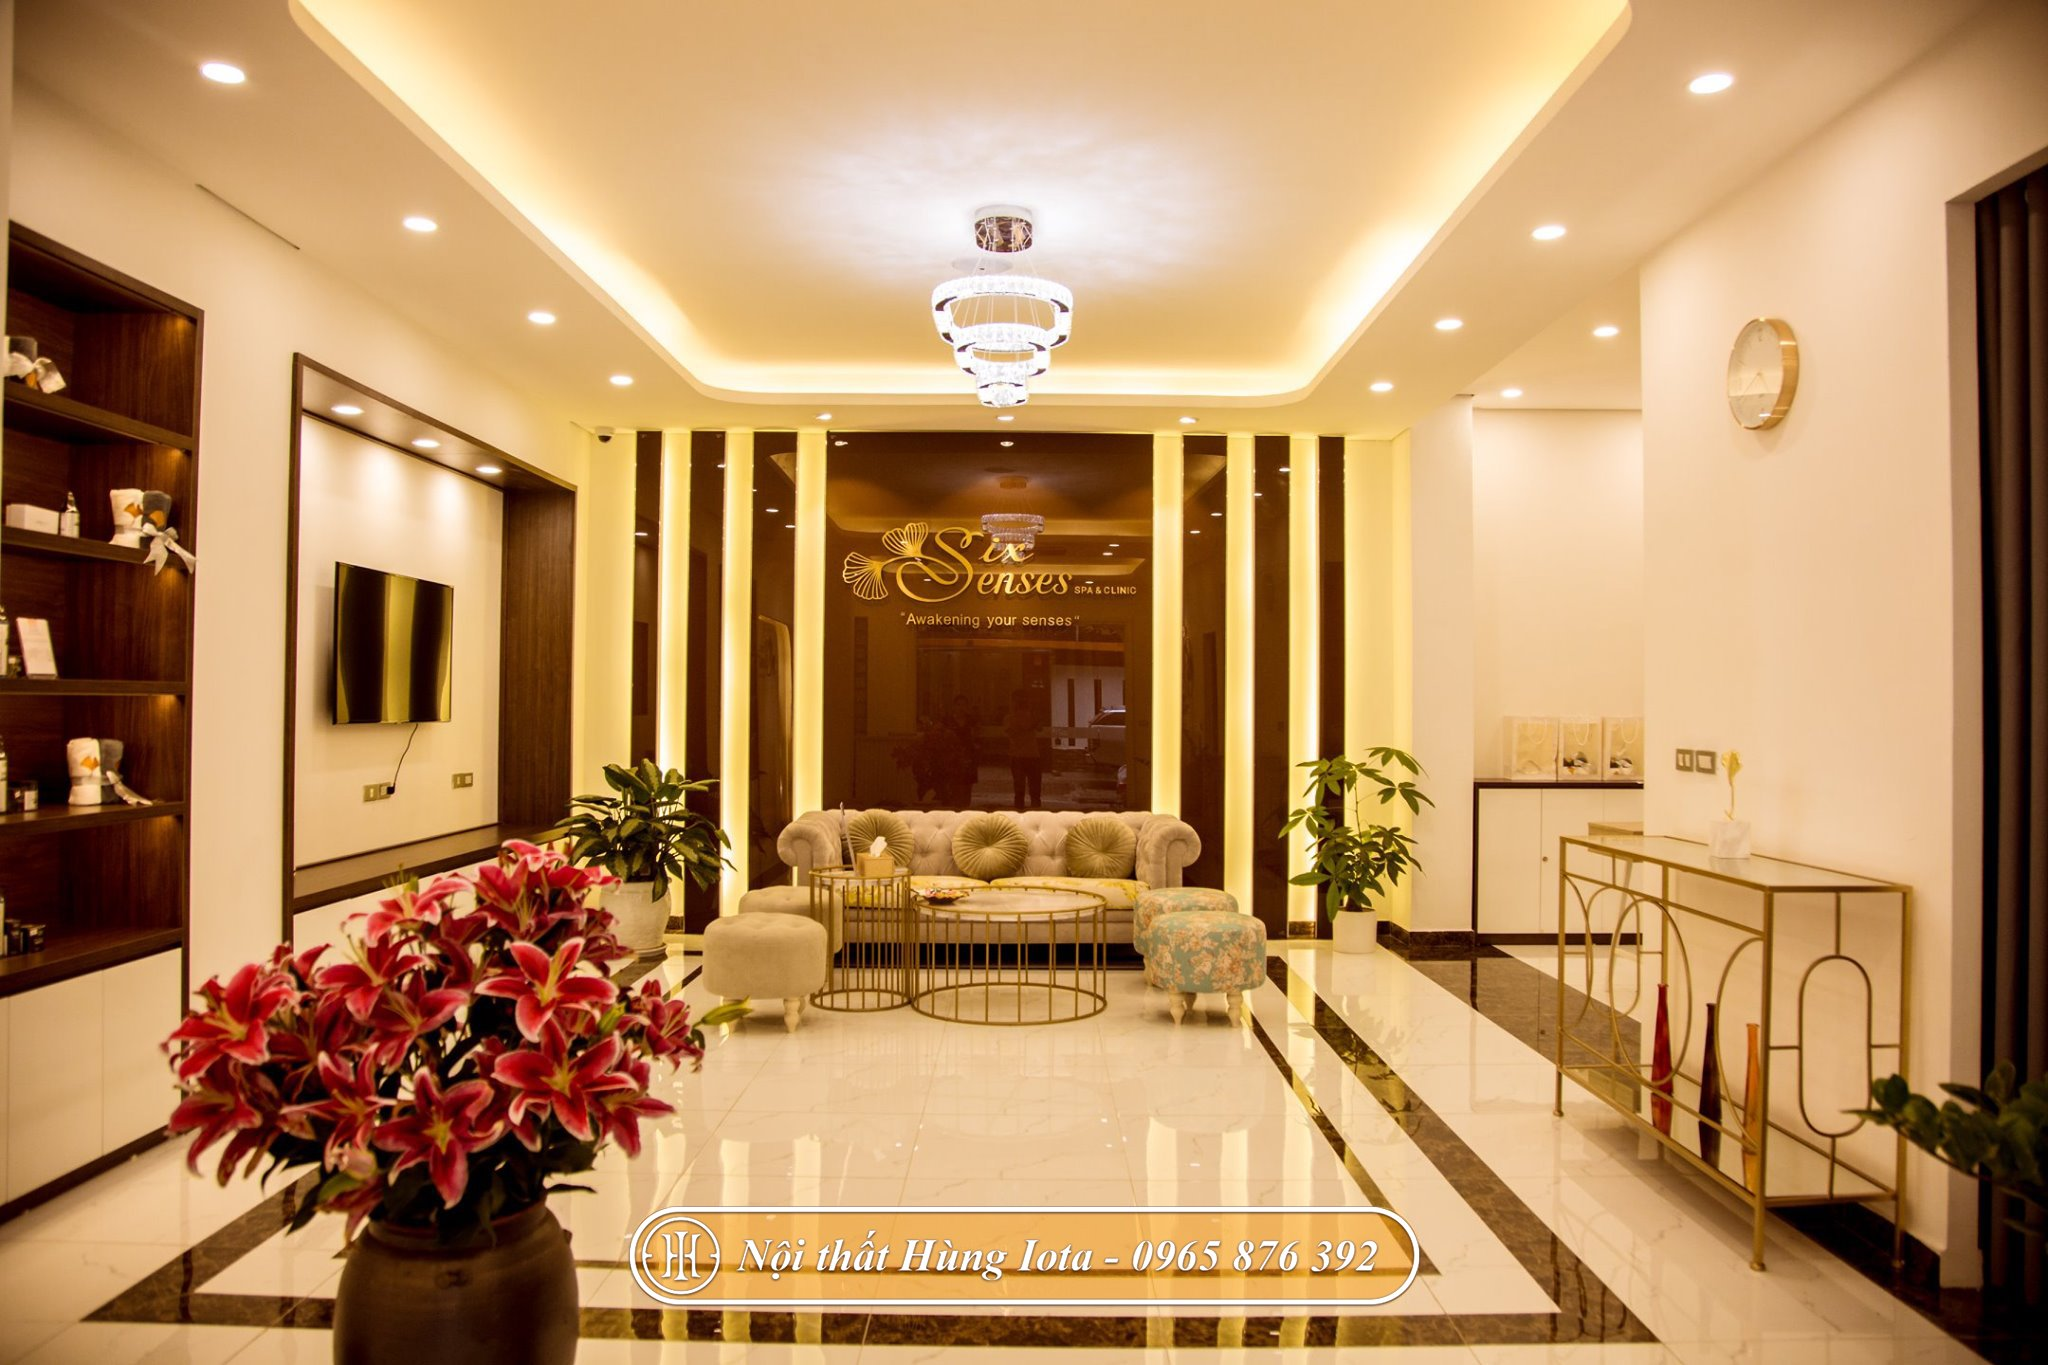 Phòng khách của trung tâm Six Sense Beauty & Clinic